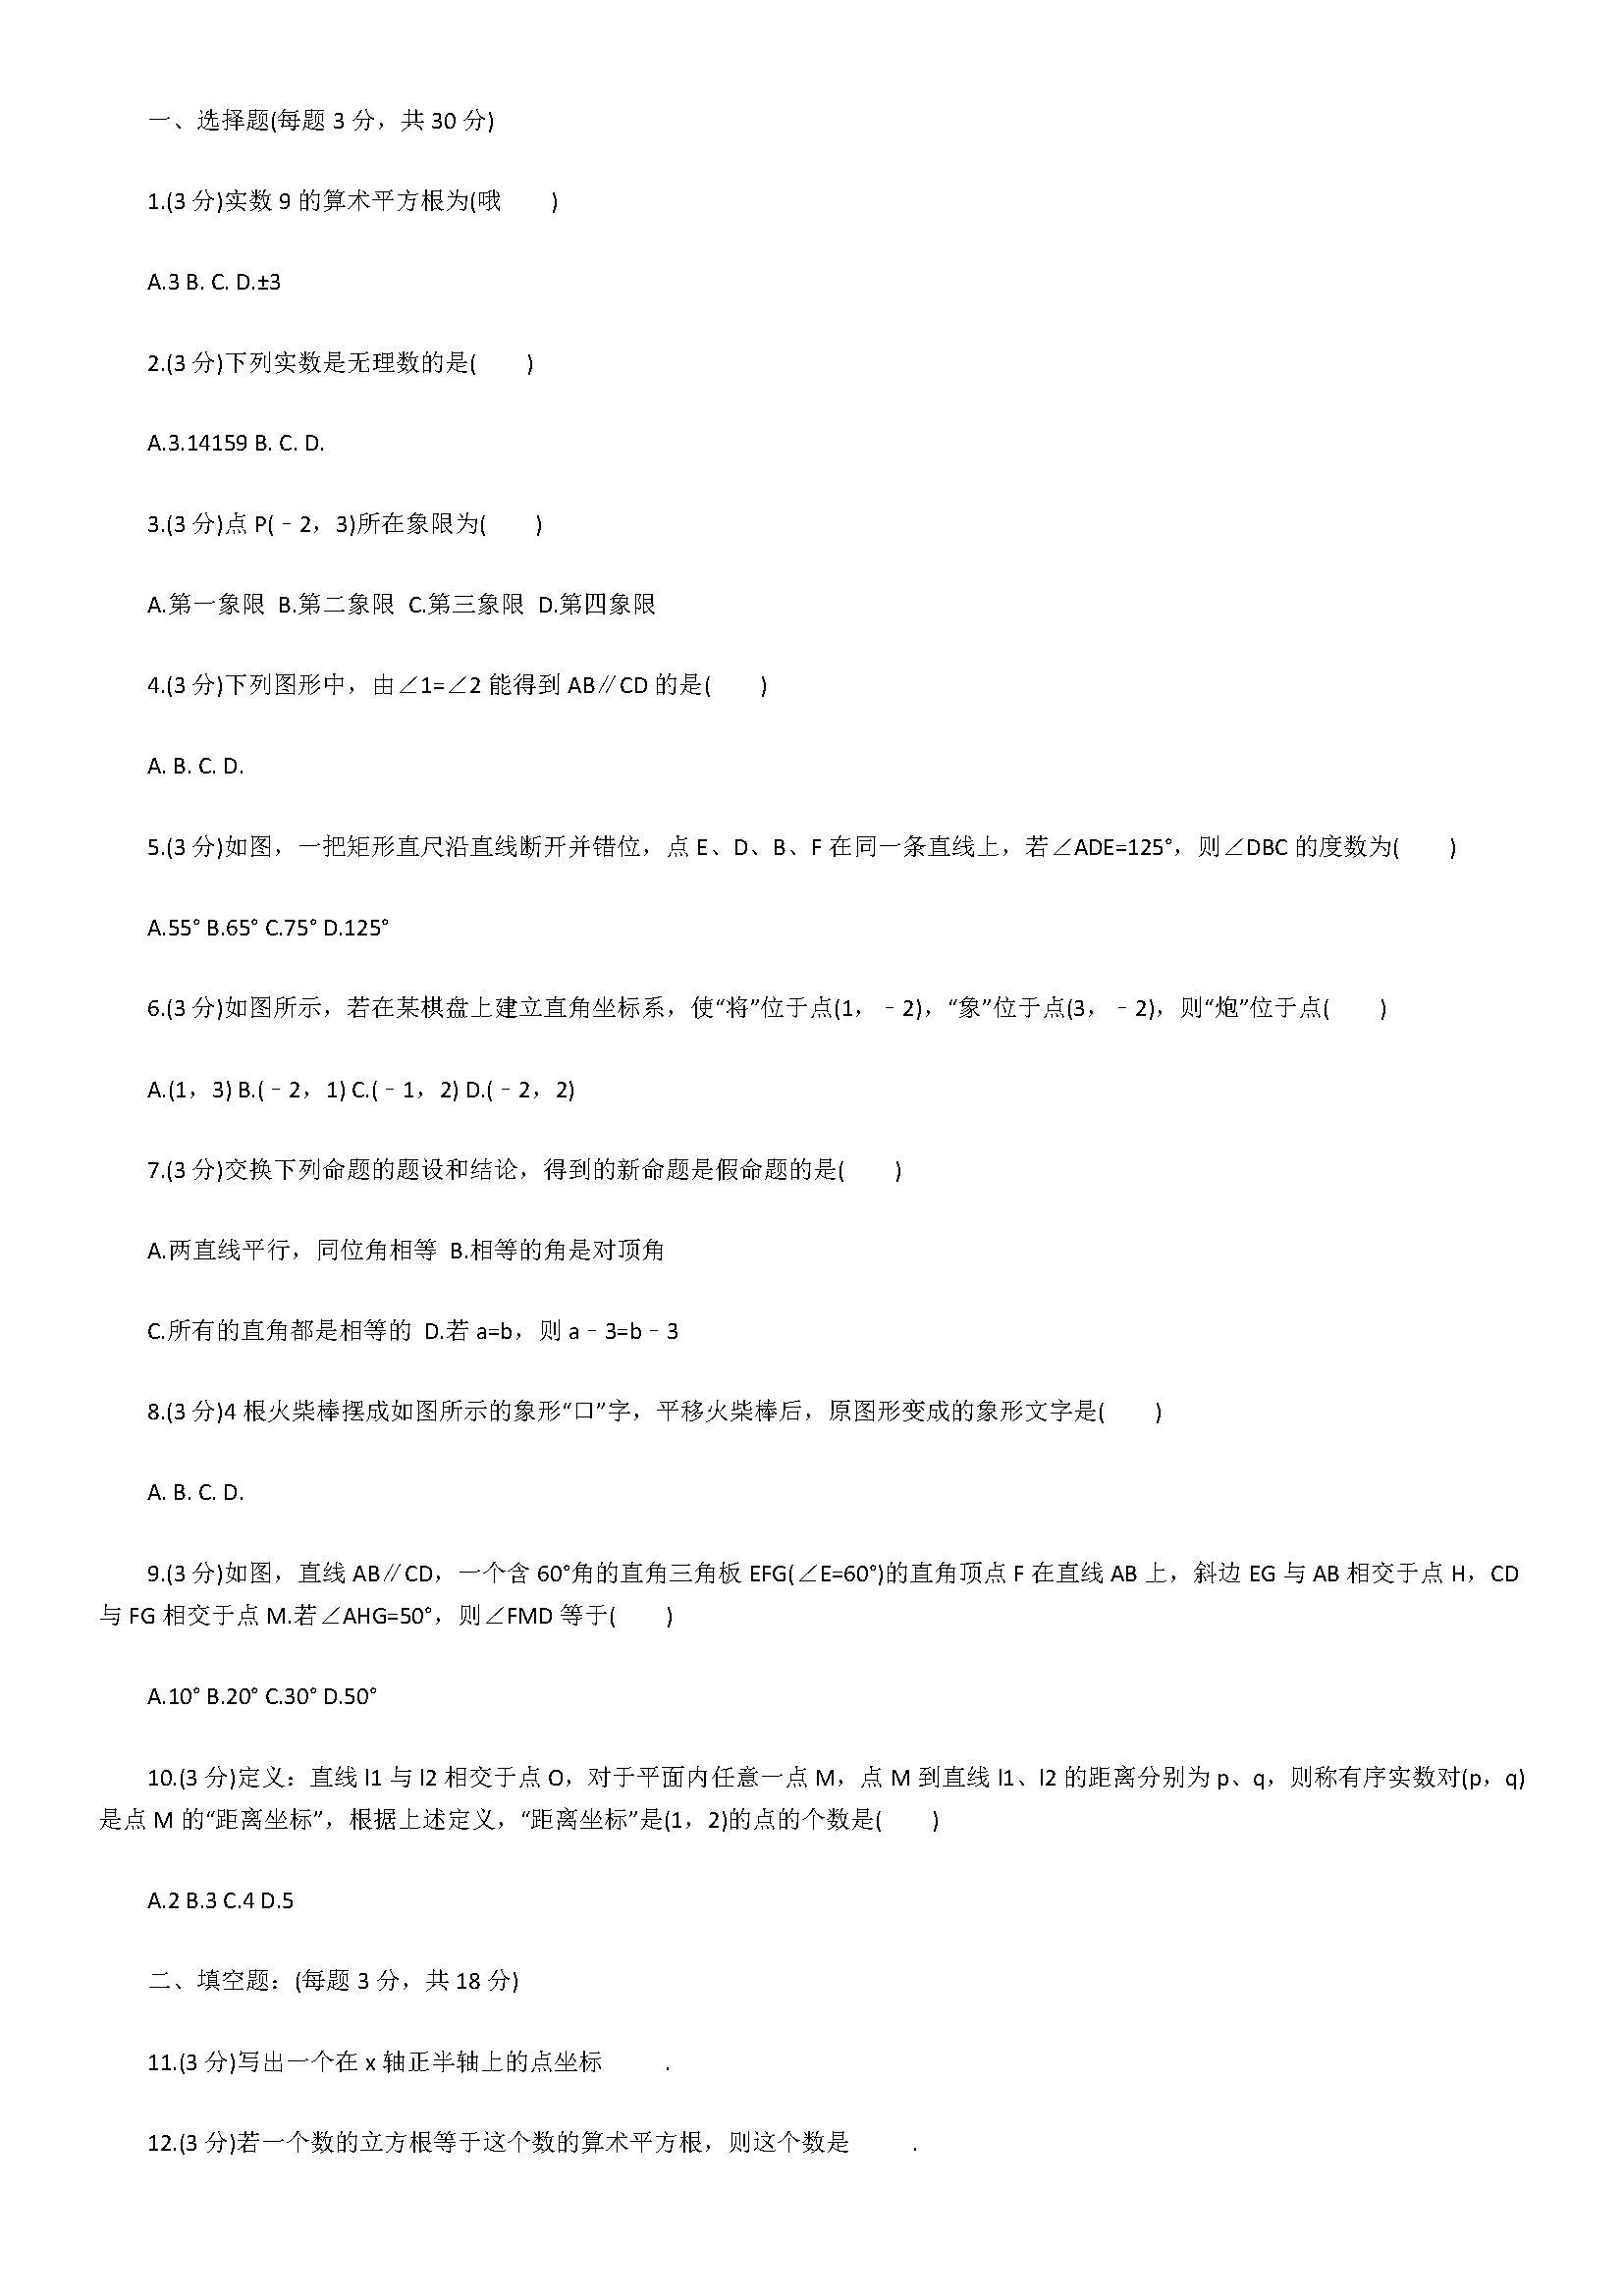 2018七年级数学下册期中测试题附答案和解释(武汉市汉阳区)